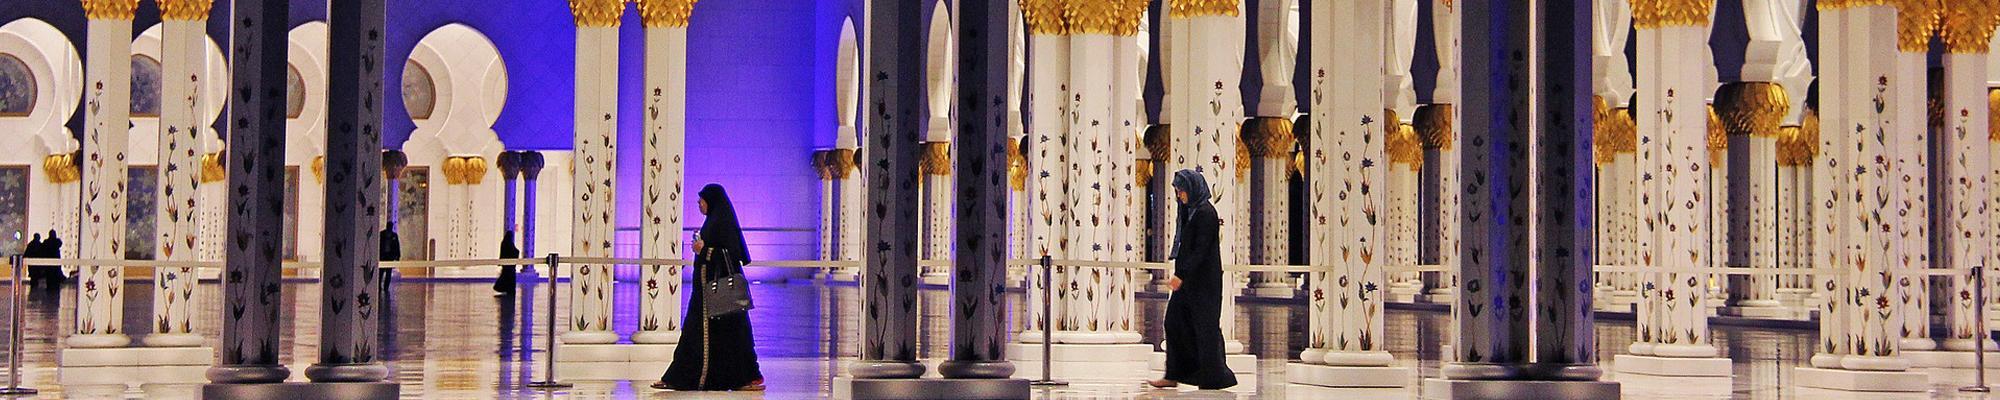 Night Prayer inside a Mosque